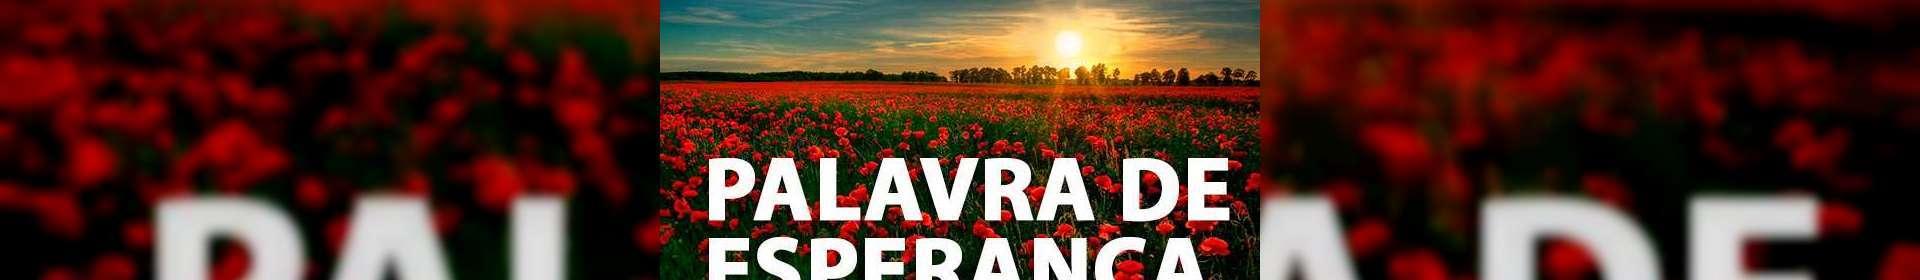 Apocalipse 03:14-18 - Uma Palavra de Esperança para sua vida